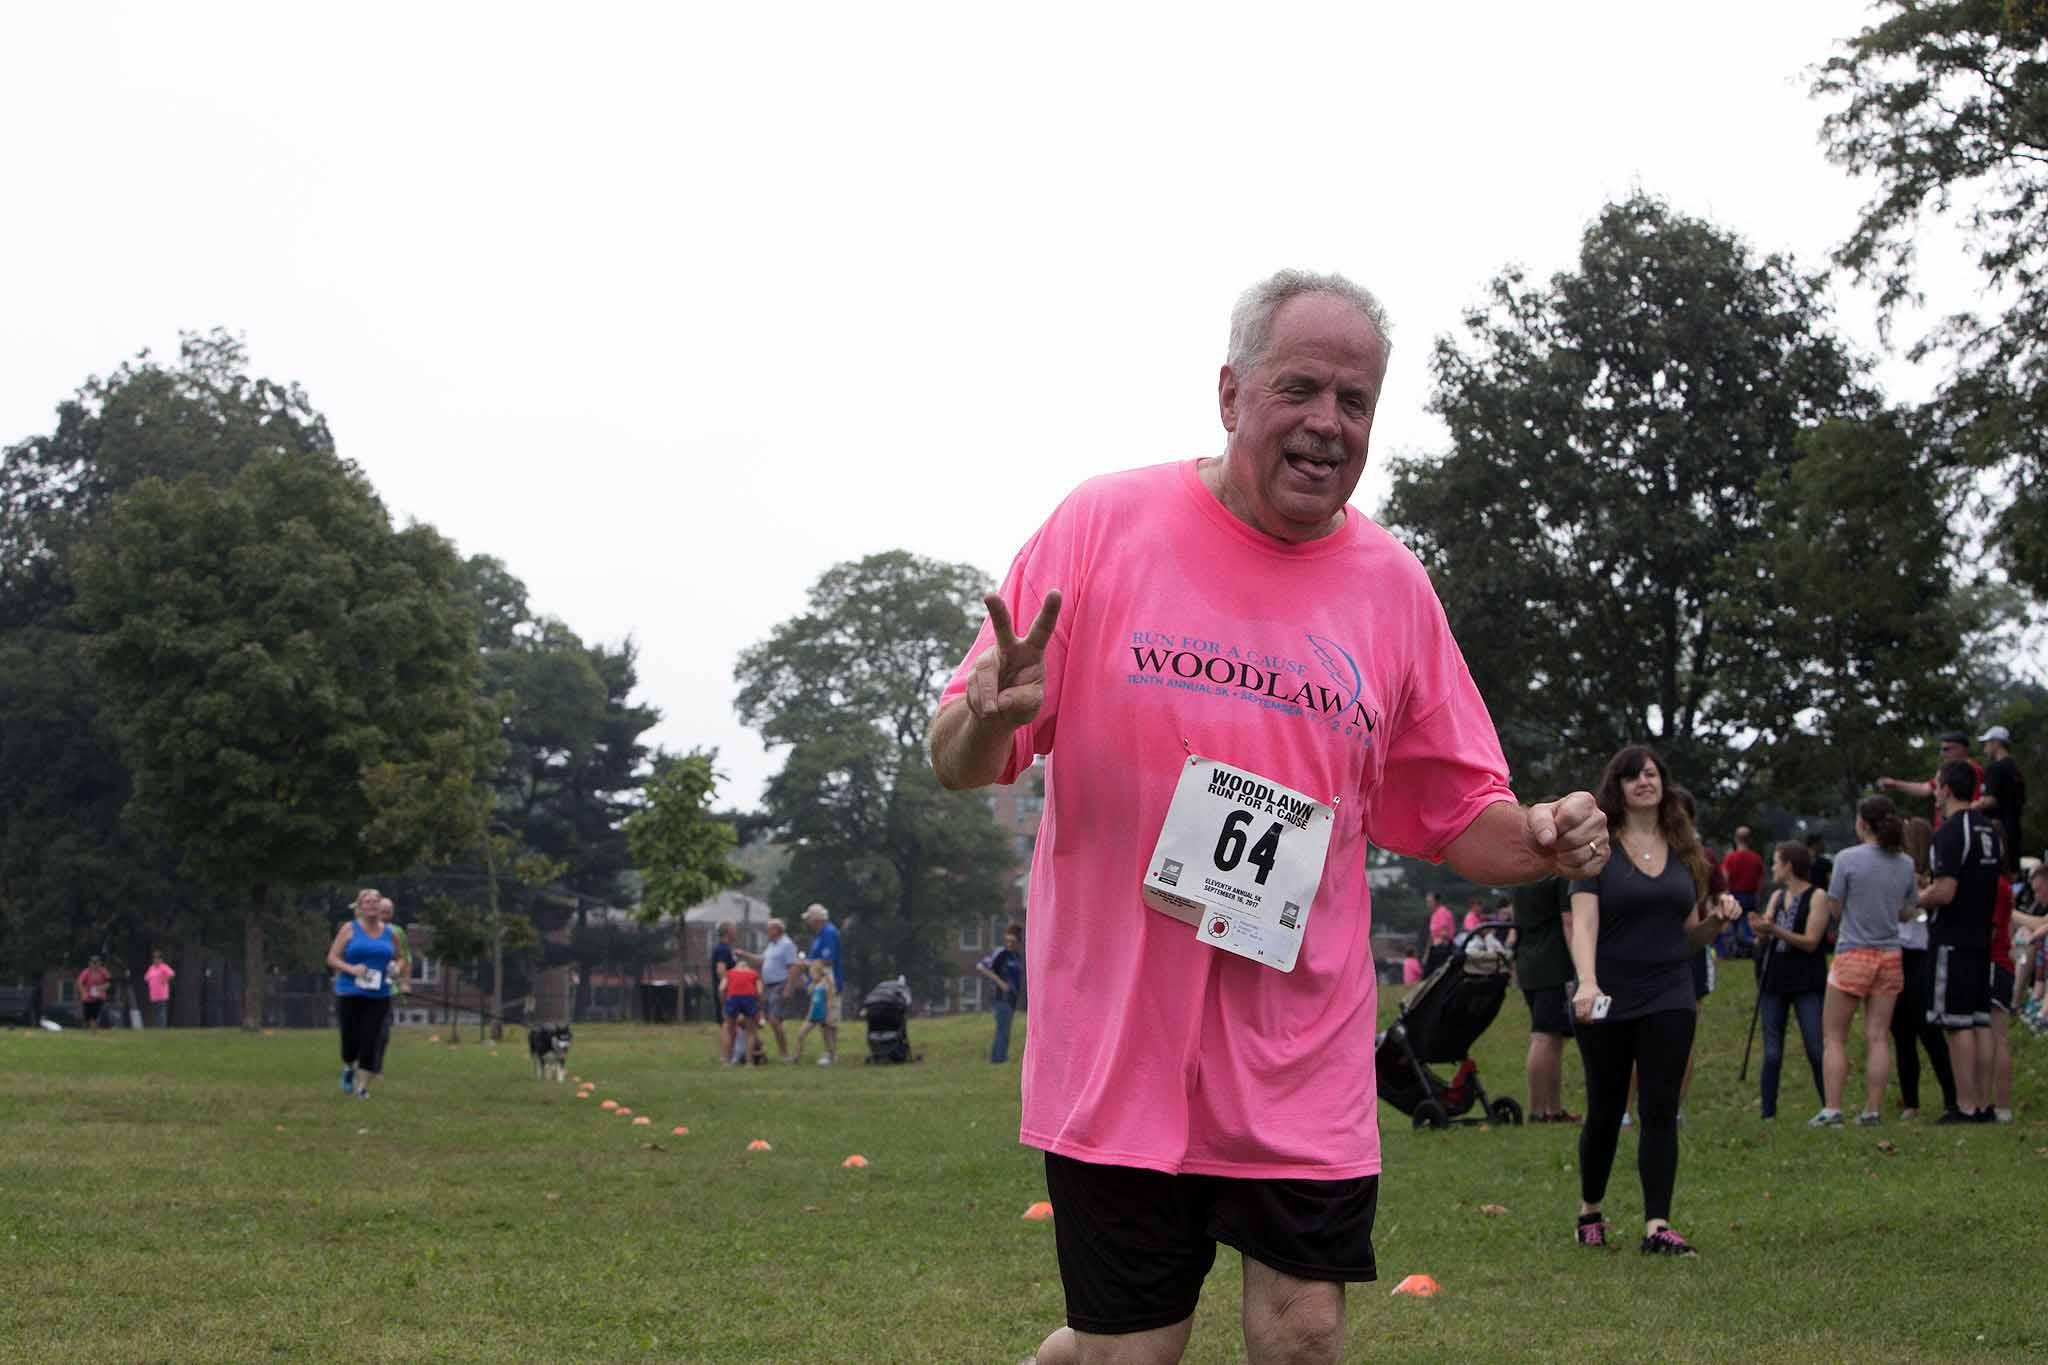 173-Woodlawn Run for a Cause-489.jpg